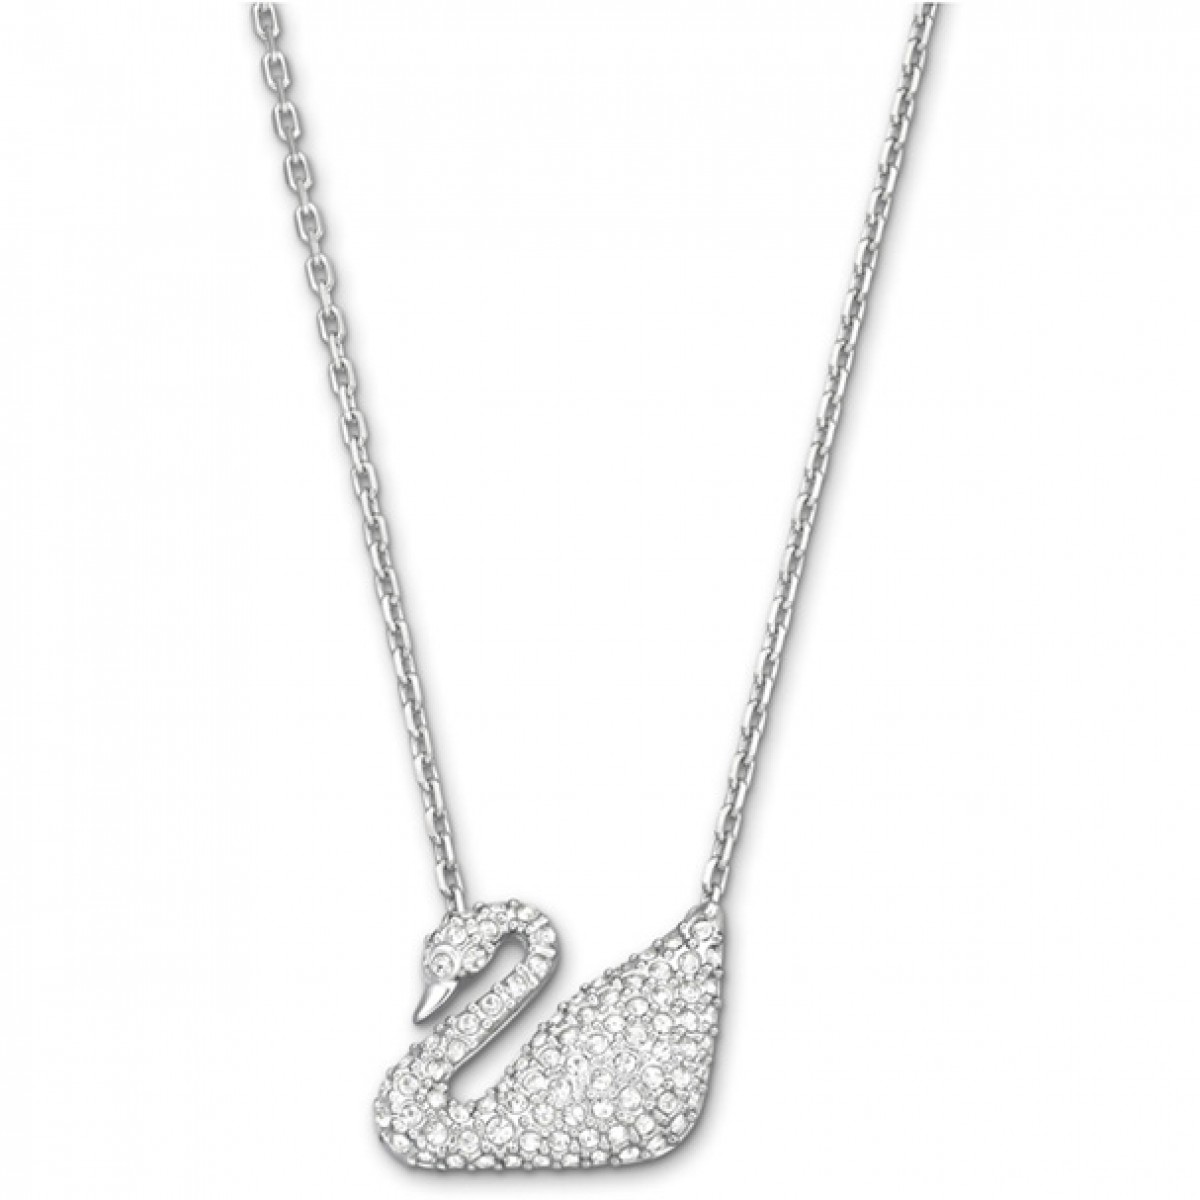 Γυναικεια Κοσμηματα Κολιέ Swarovski Swan 5007735 85183a89352